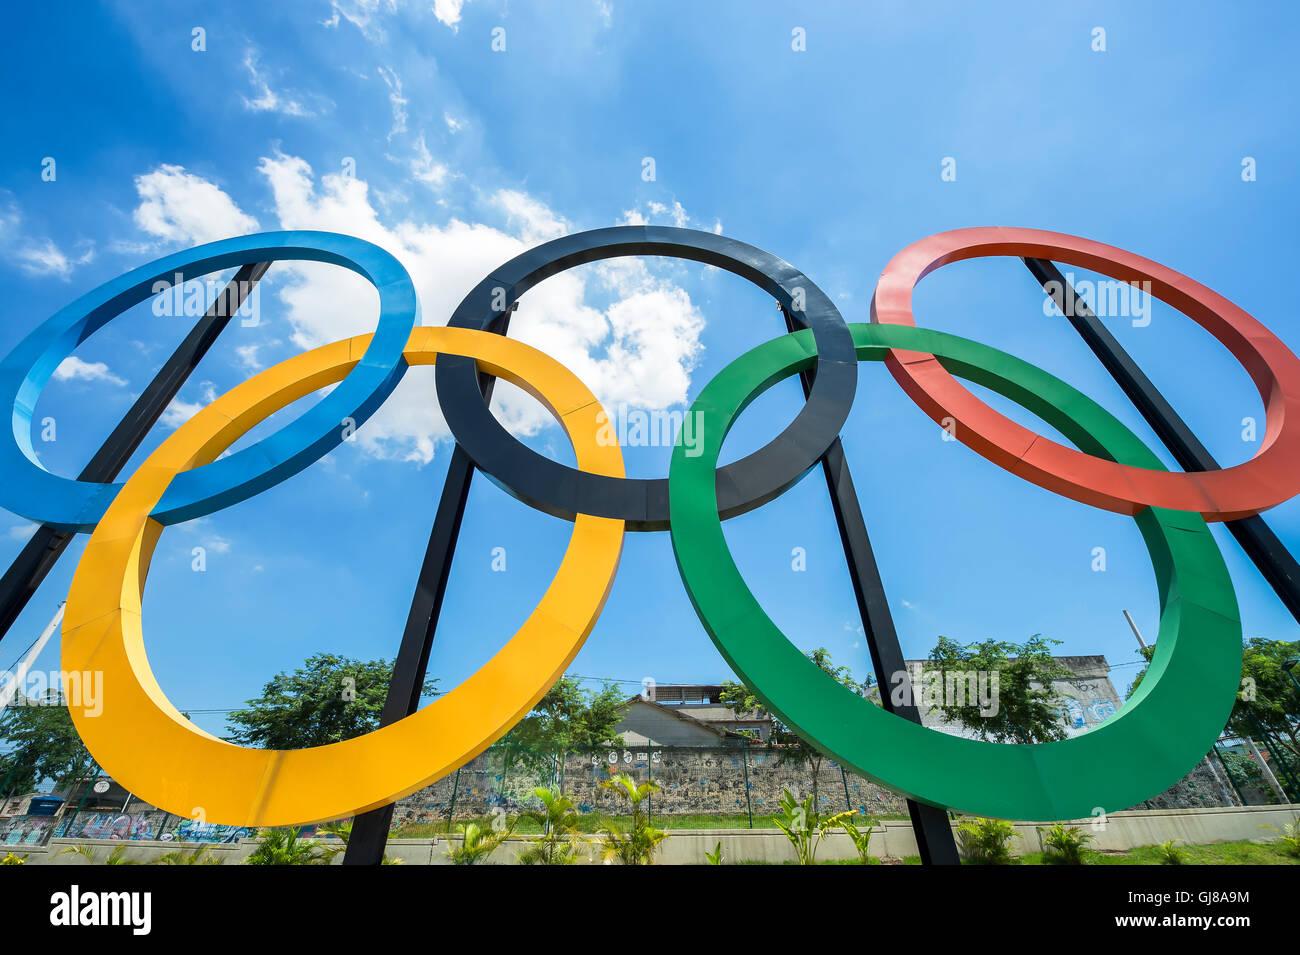 RIO DE JANEIRO - le 18 mars 2016: anneaux olympiques se tiennent contre ciel bleu dans le parc Parque Madureira, Photo Stock